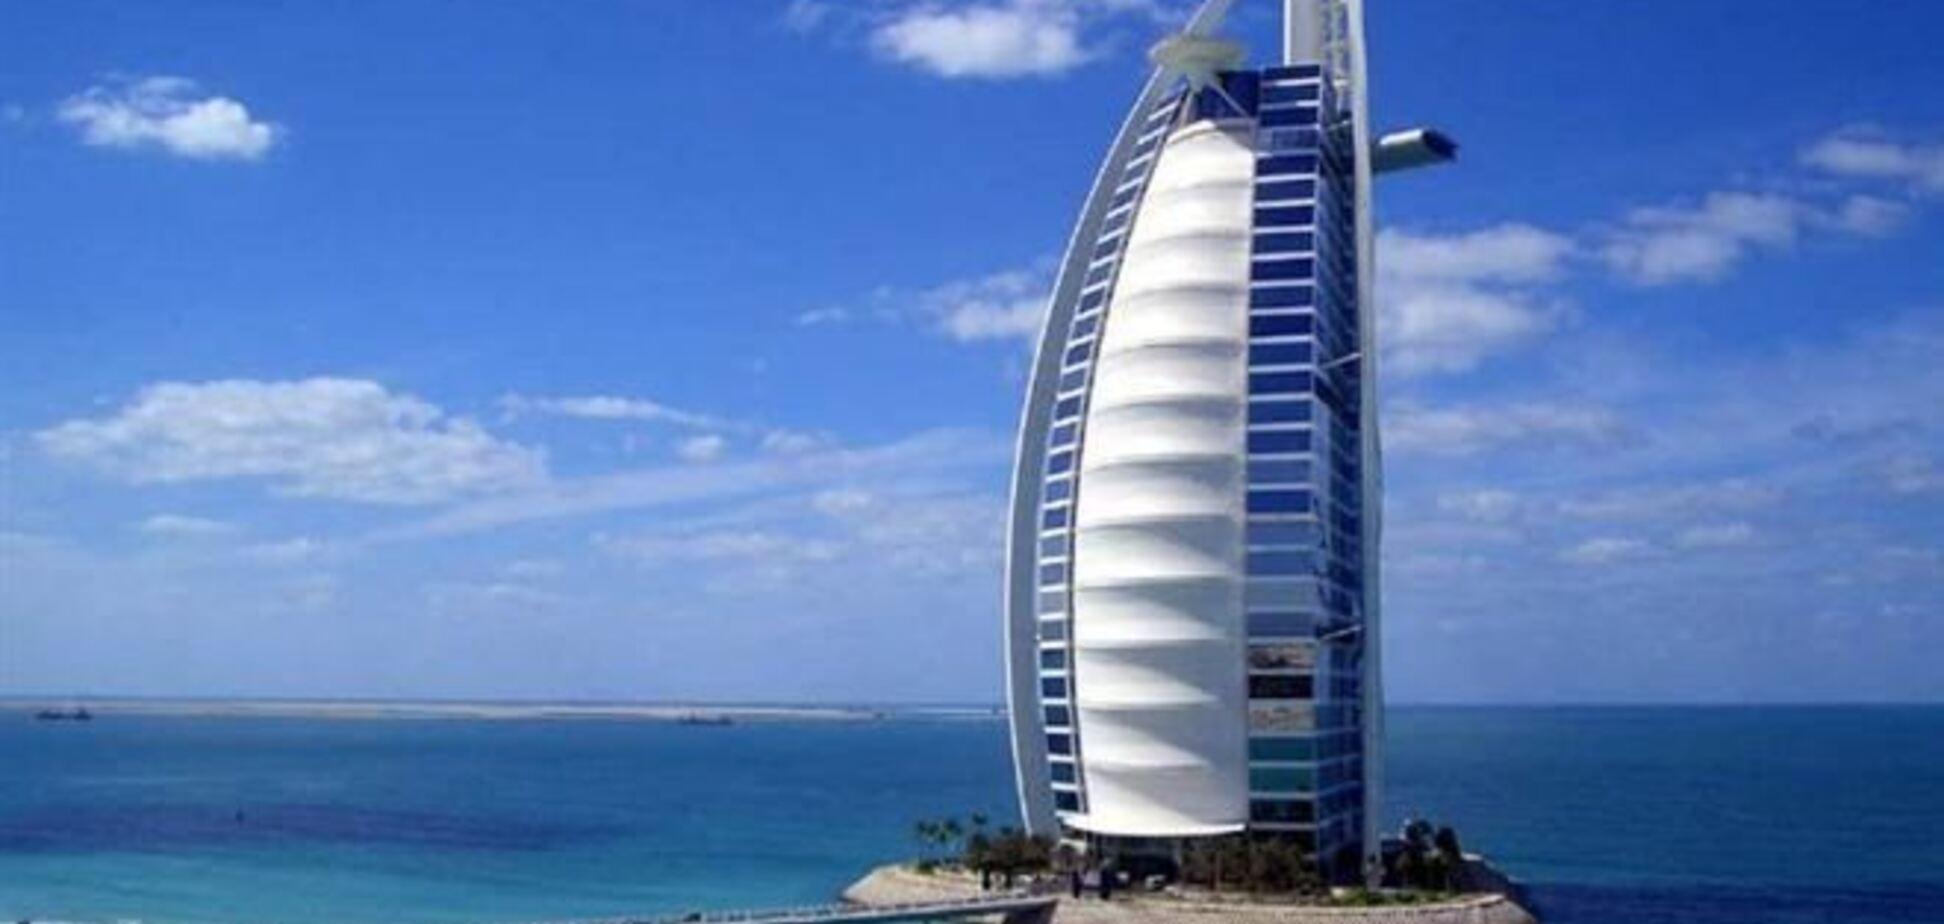 Арабские Эмираты – лидер по энергосберегающим технологиям в строительстве